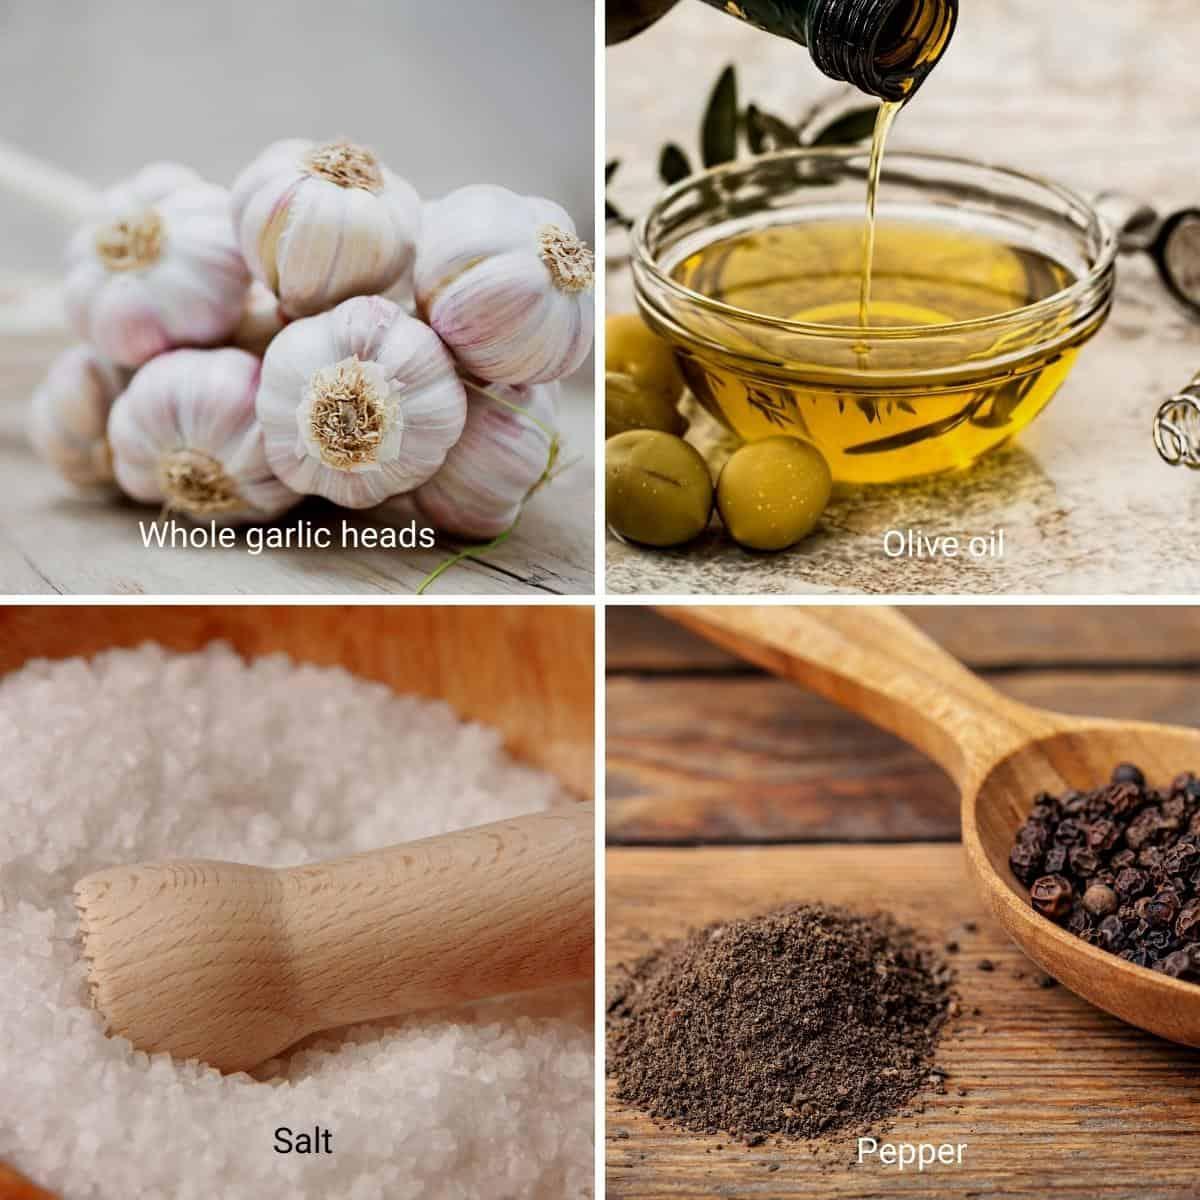 Ingredients for roasting garlic.